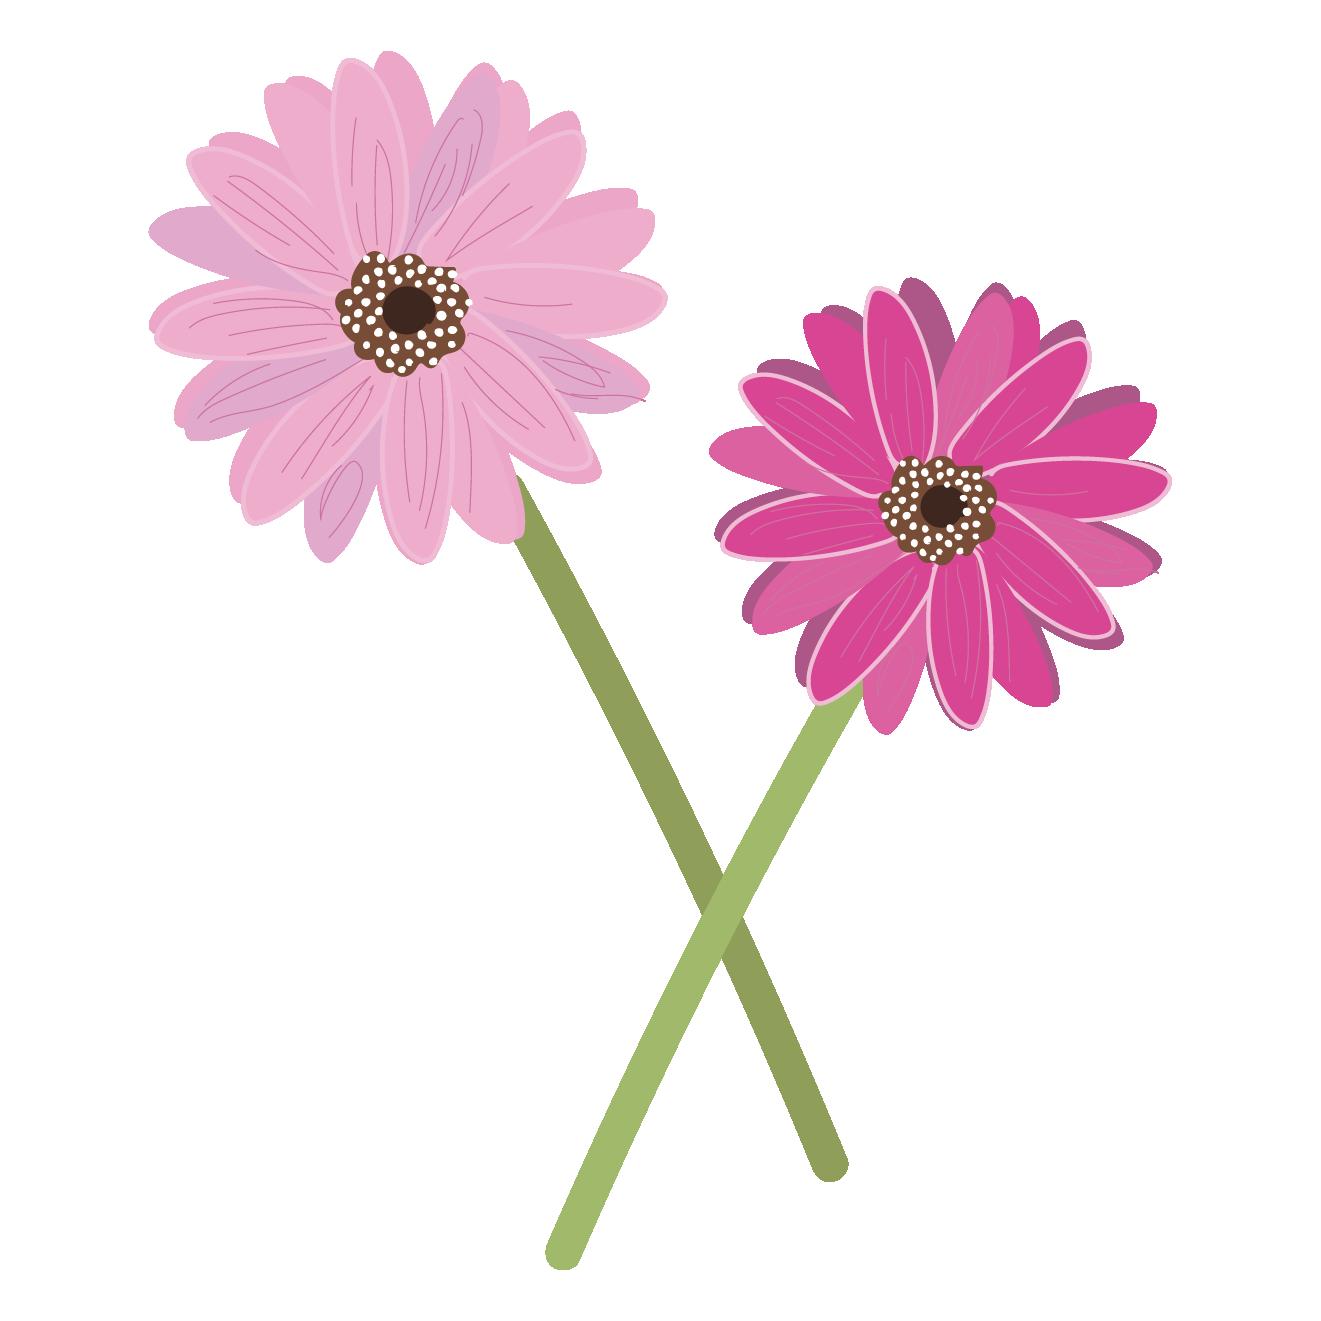 花】かわいいガーベラのイラスト | 商用フリー(無料)のイラスト素材